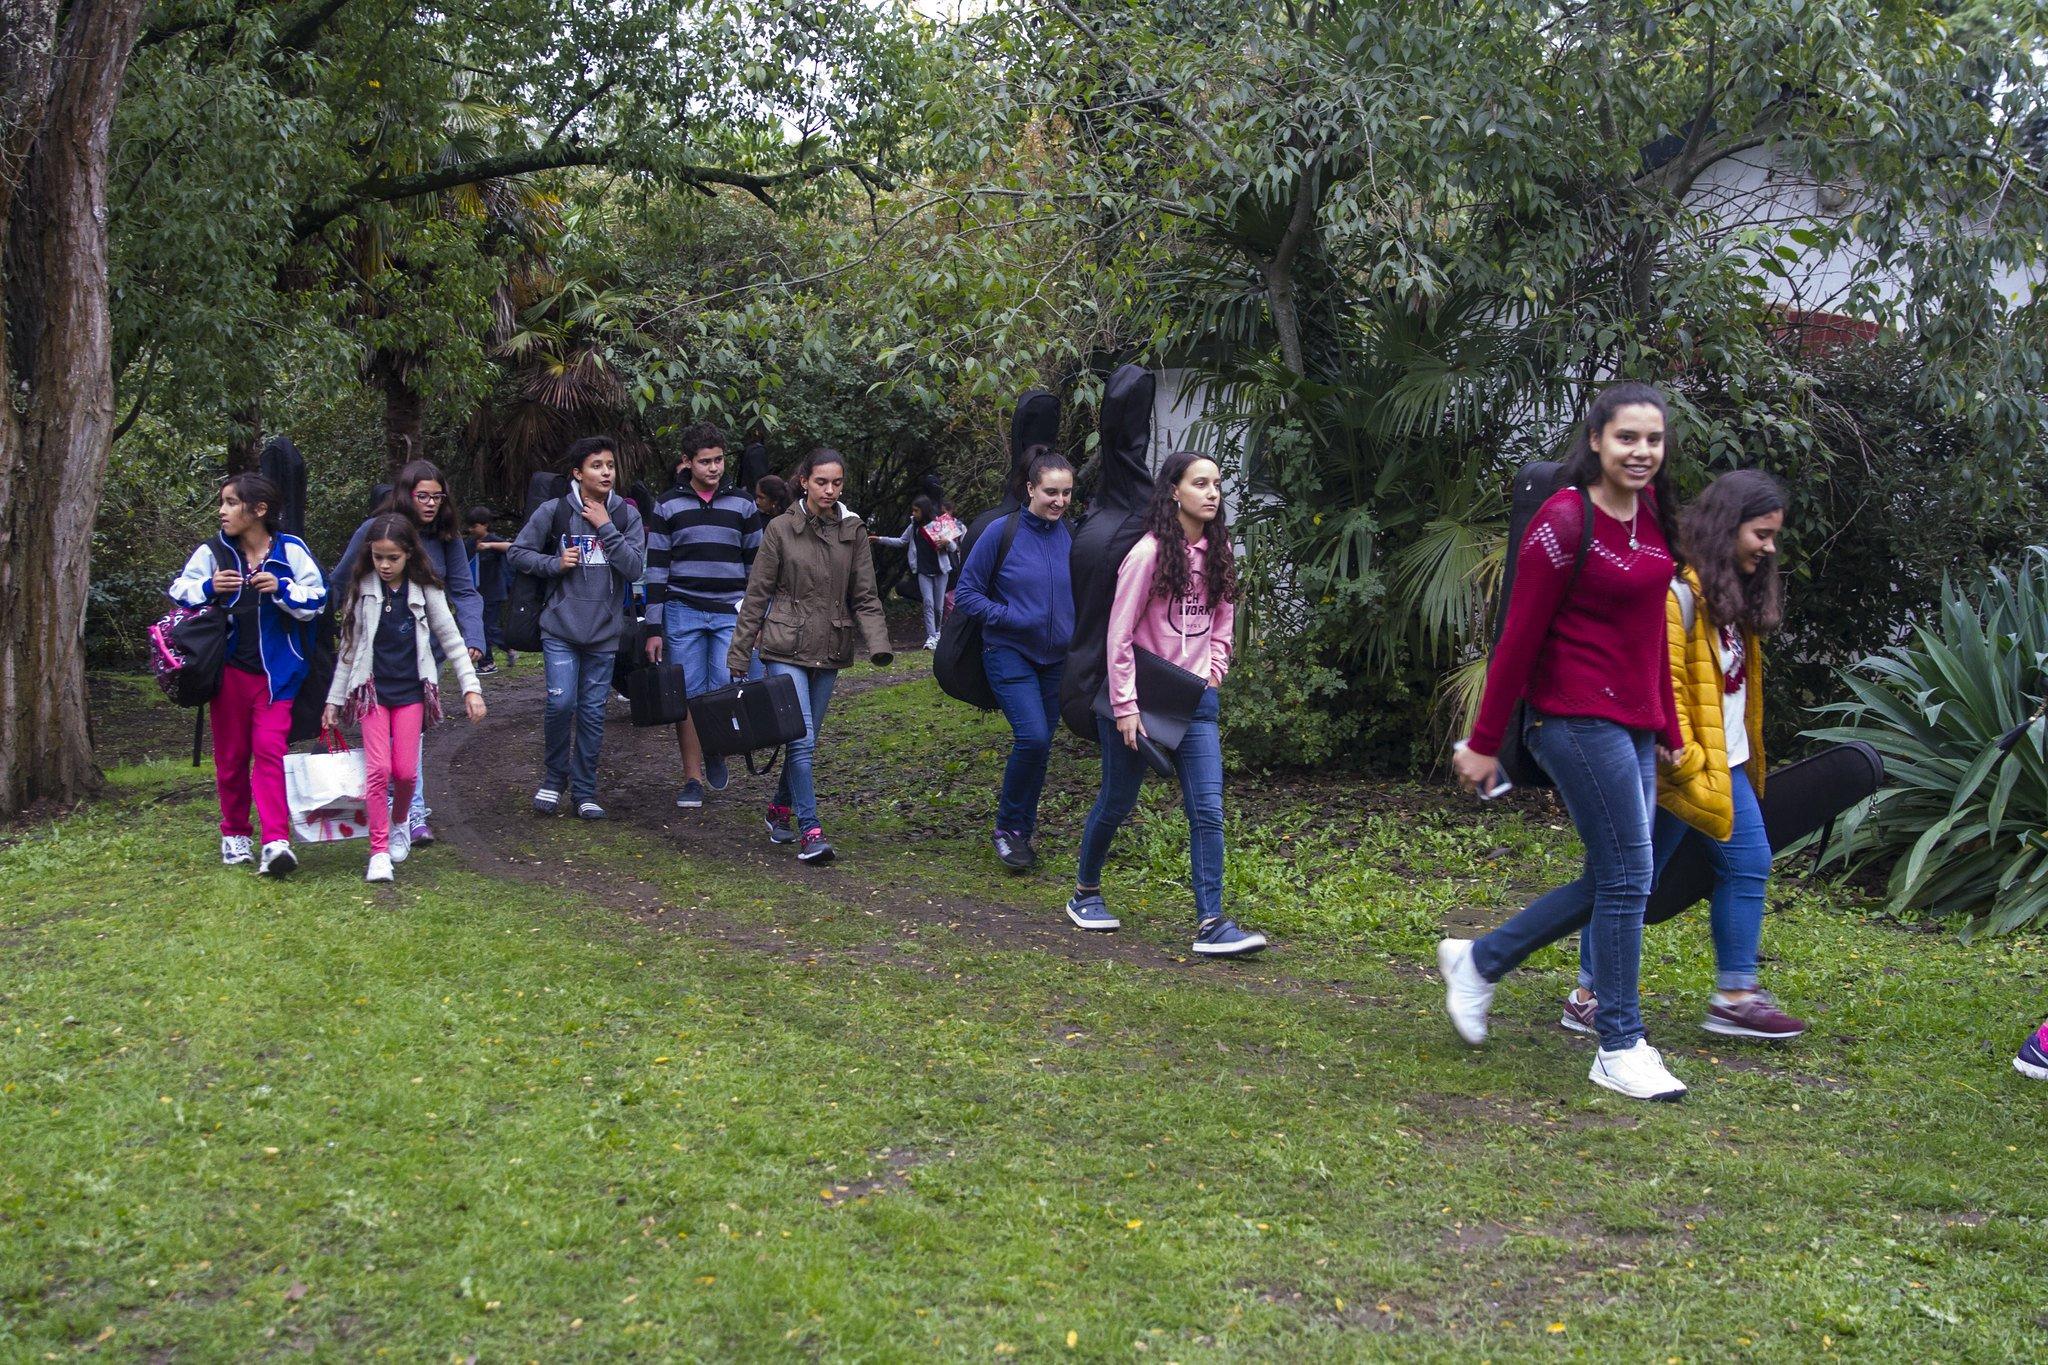 Grupo de niños caminando por el sendero de un campamento. | Imagen: Flickr